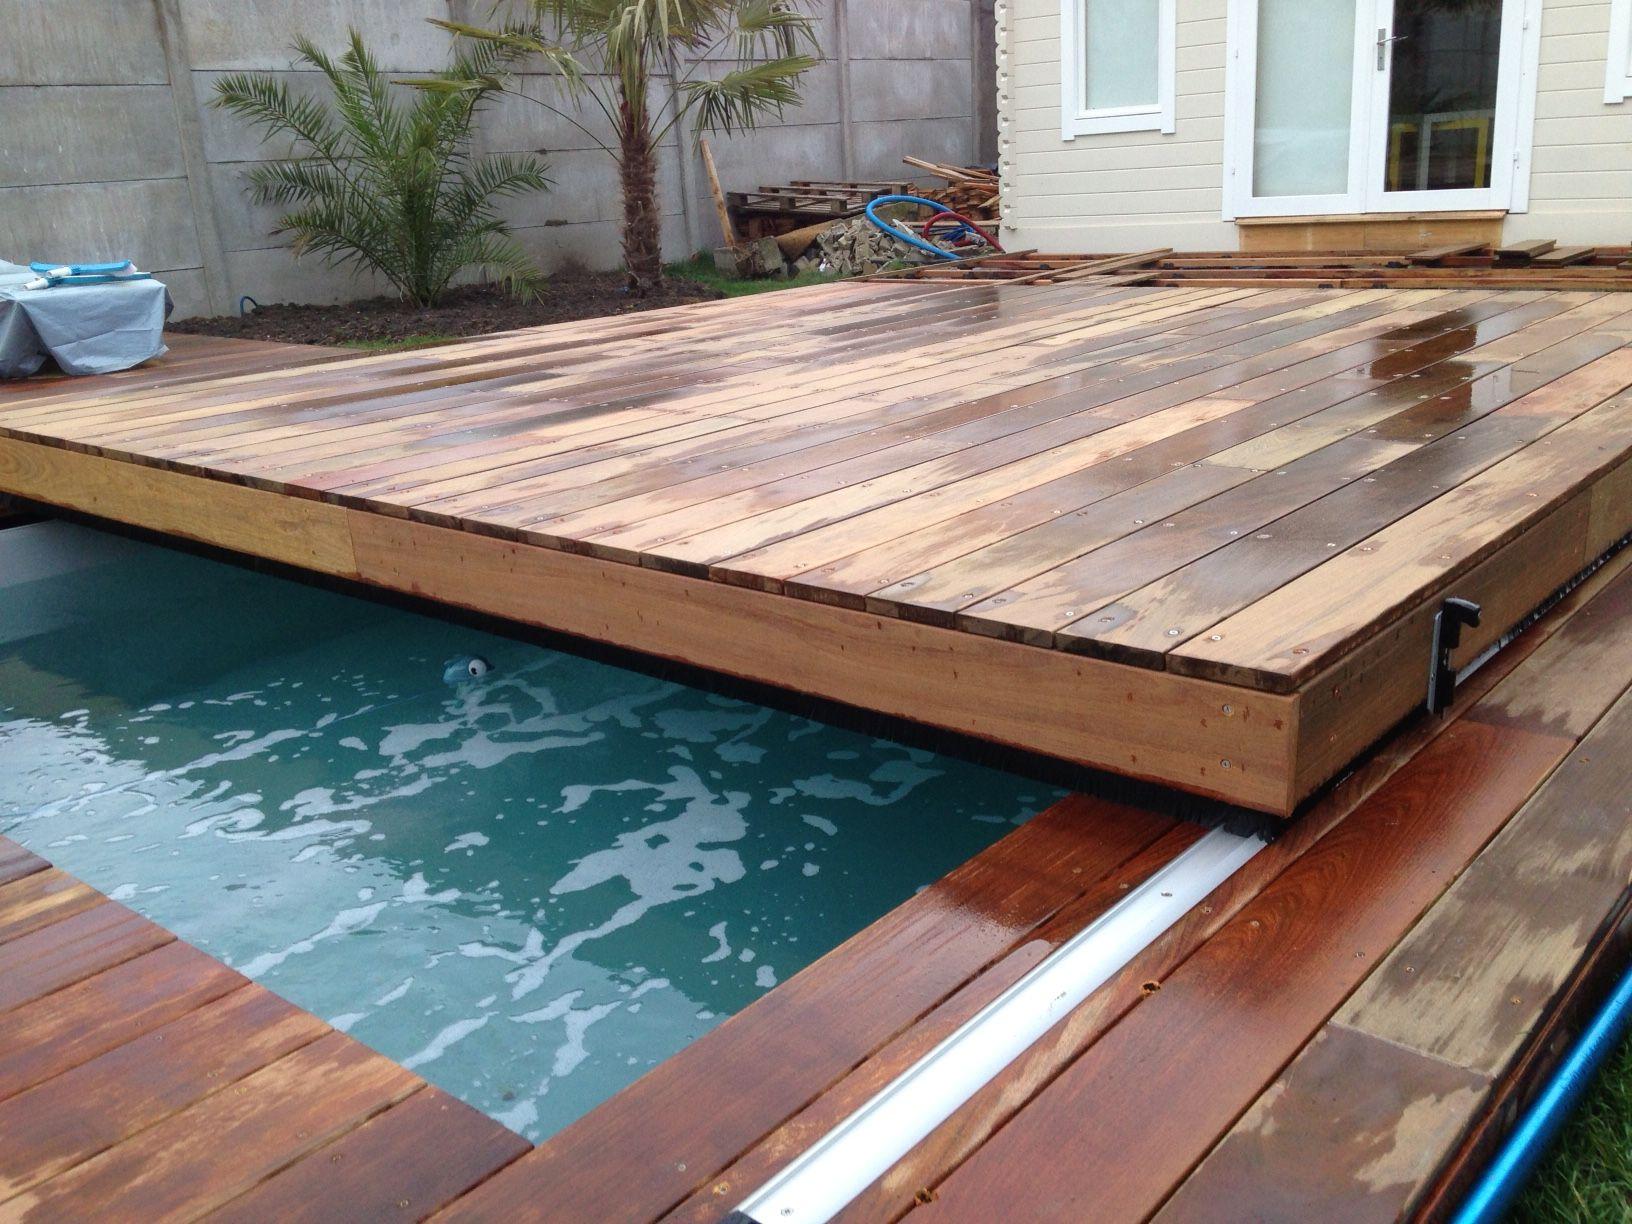 Piscine Terrasse Amovible Schème - Idees Conception Jardin dedans Fabriquer Une Terrasse Mobile Pour Piscine